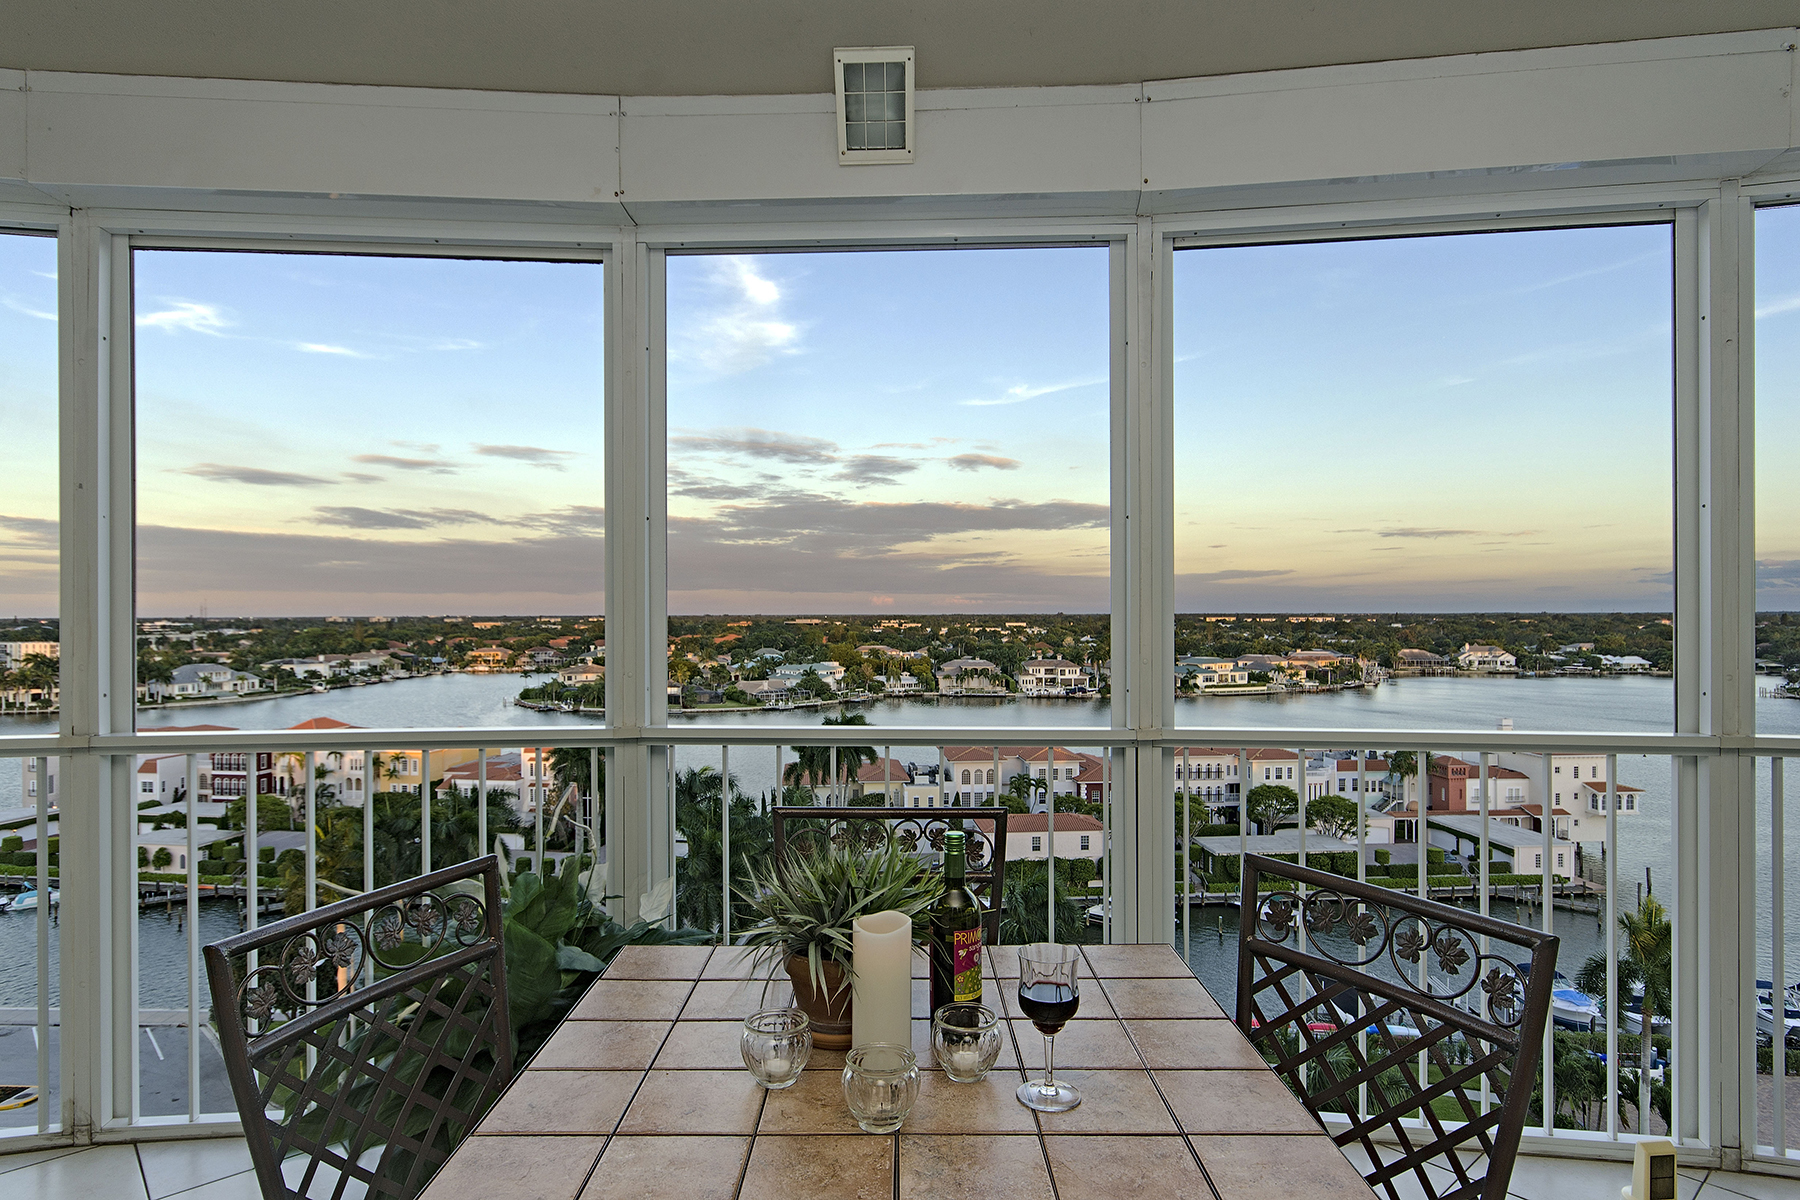 Property For Sale at PARK SHORE - LE CIEL VENETIAN TOWER